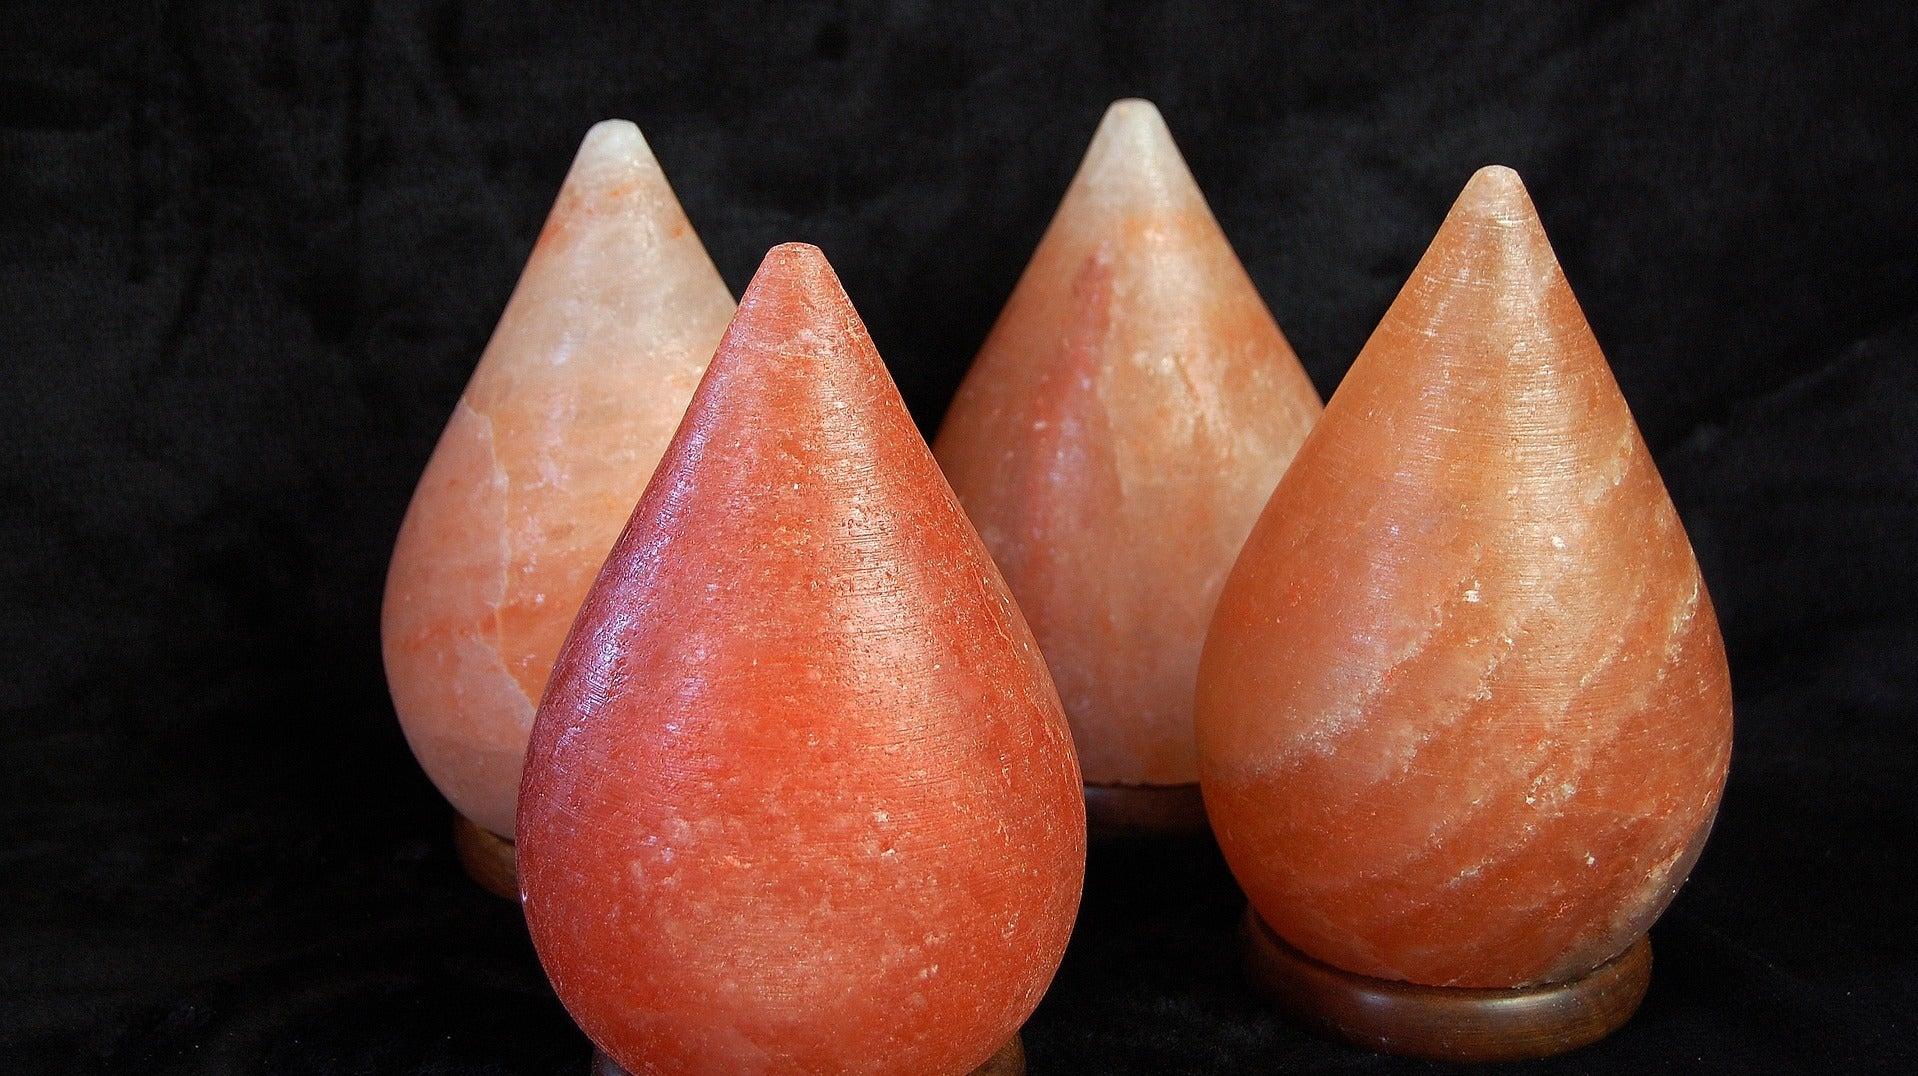 Himalayan Salt Is Just Salt, But Pink